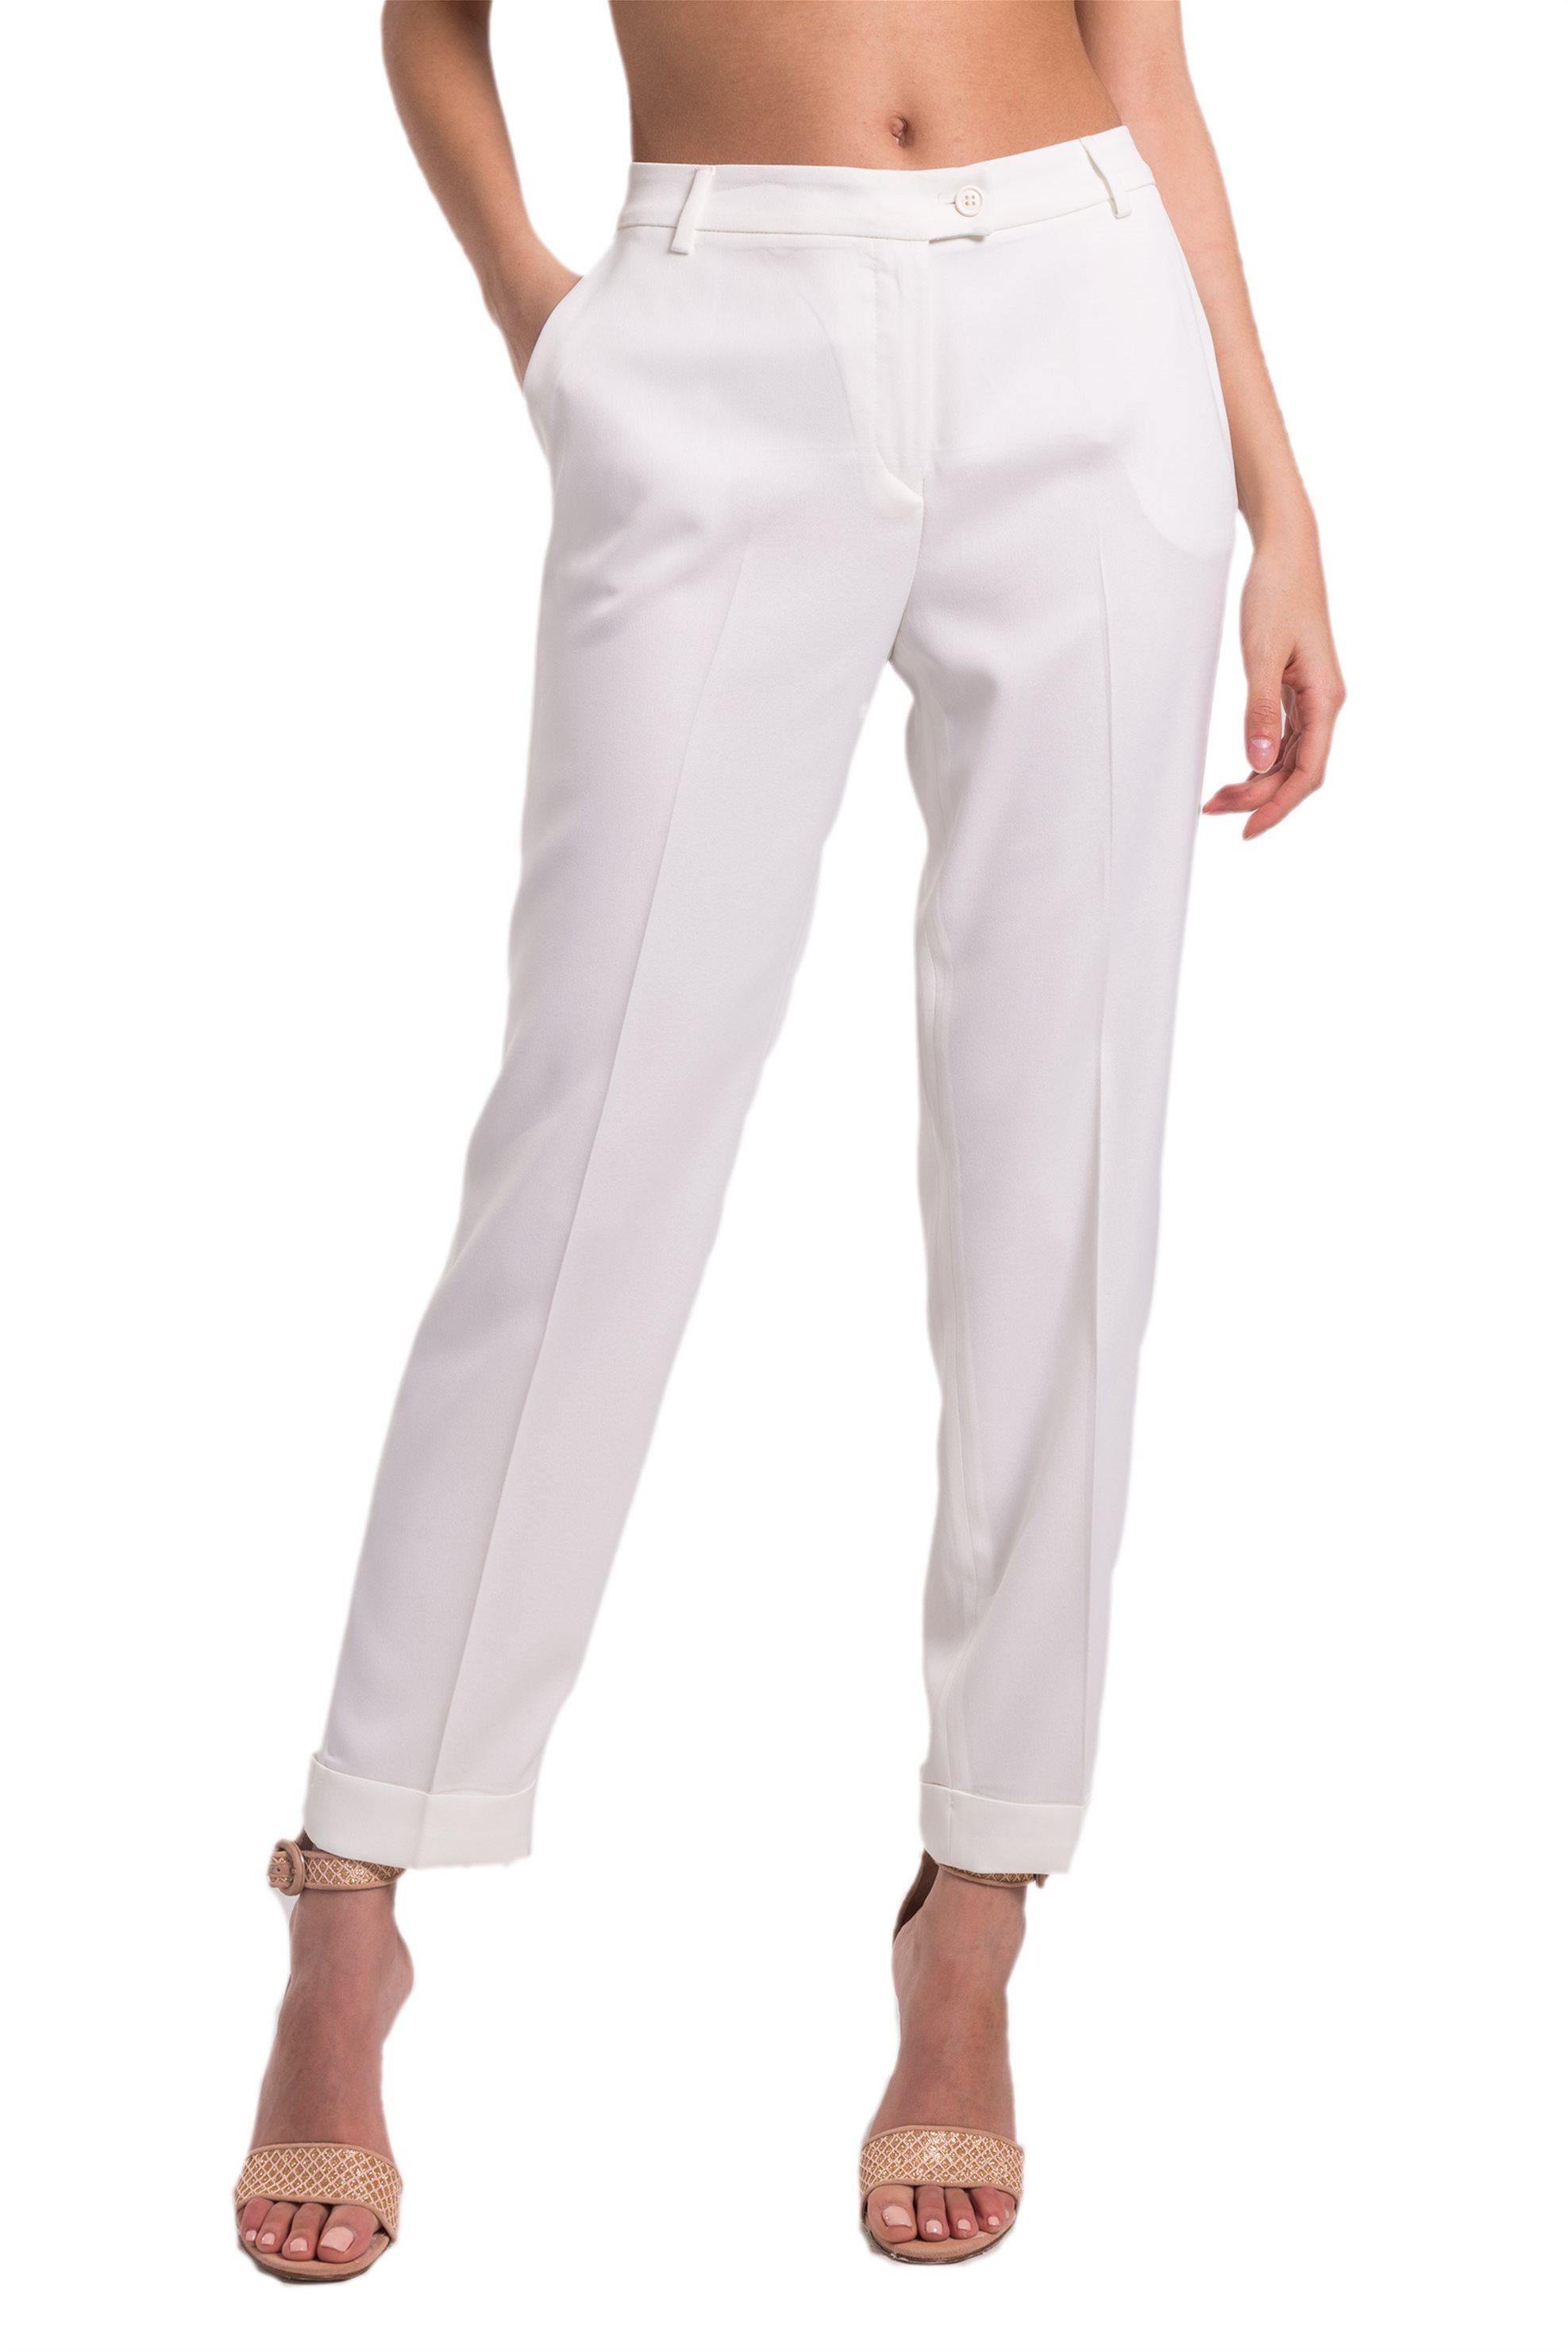 Γυναικεία   Ρούχα   Παντελόνια   Casual   Ίσια Γραμμή   Γυναικείο ... 837f642c6bb